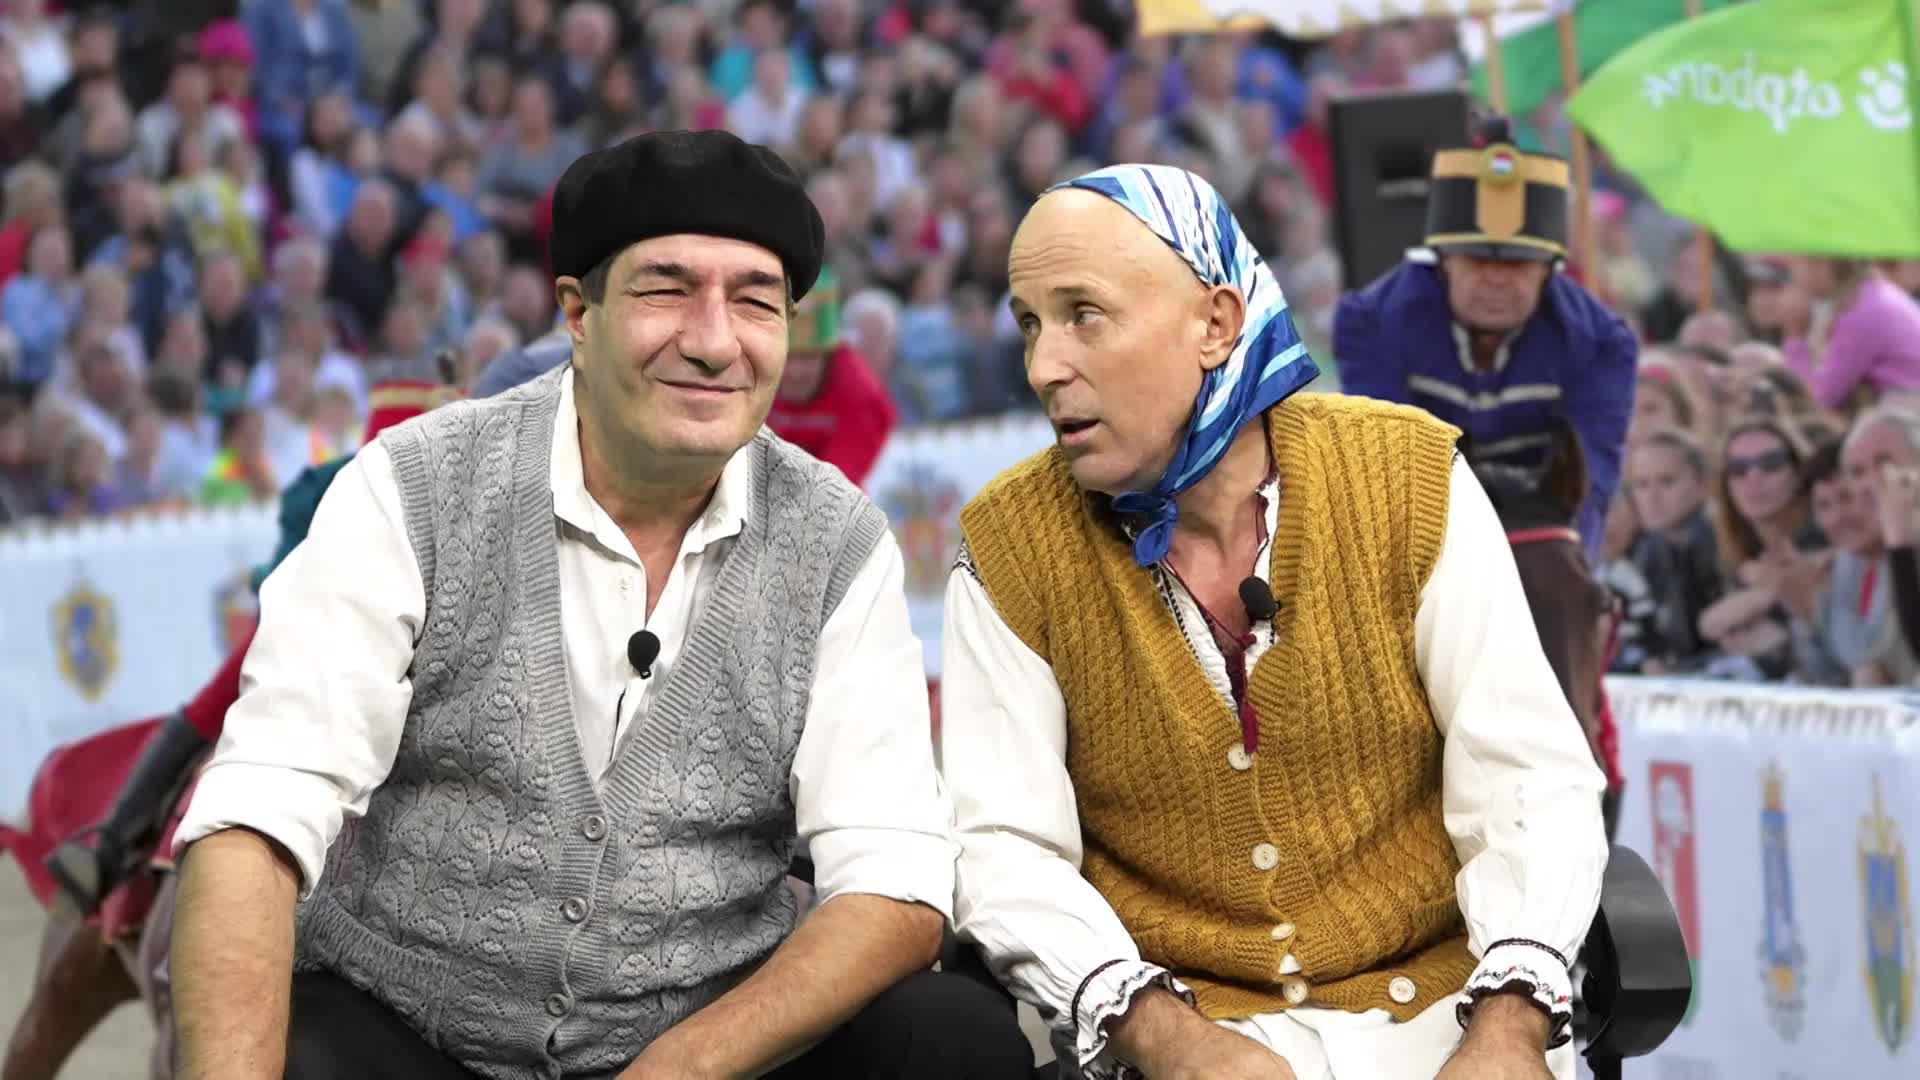 Leana şi Costel - Călărie